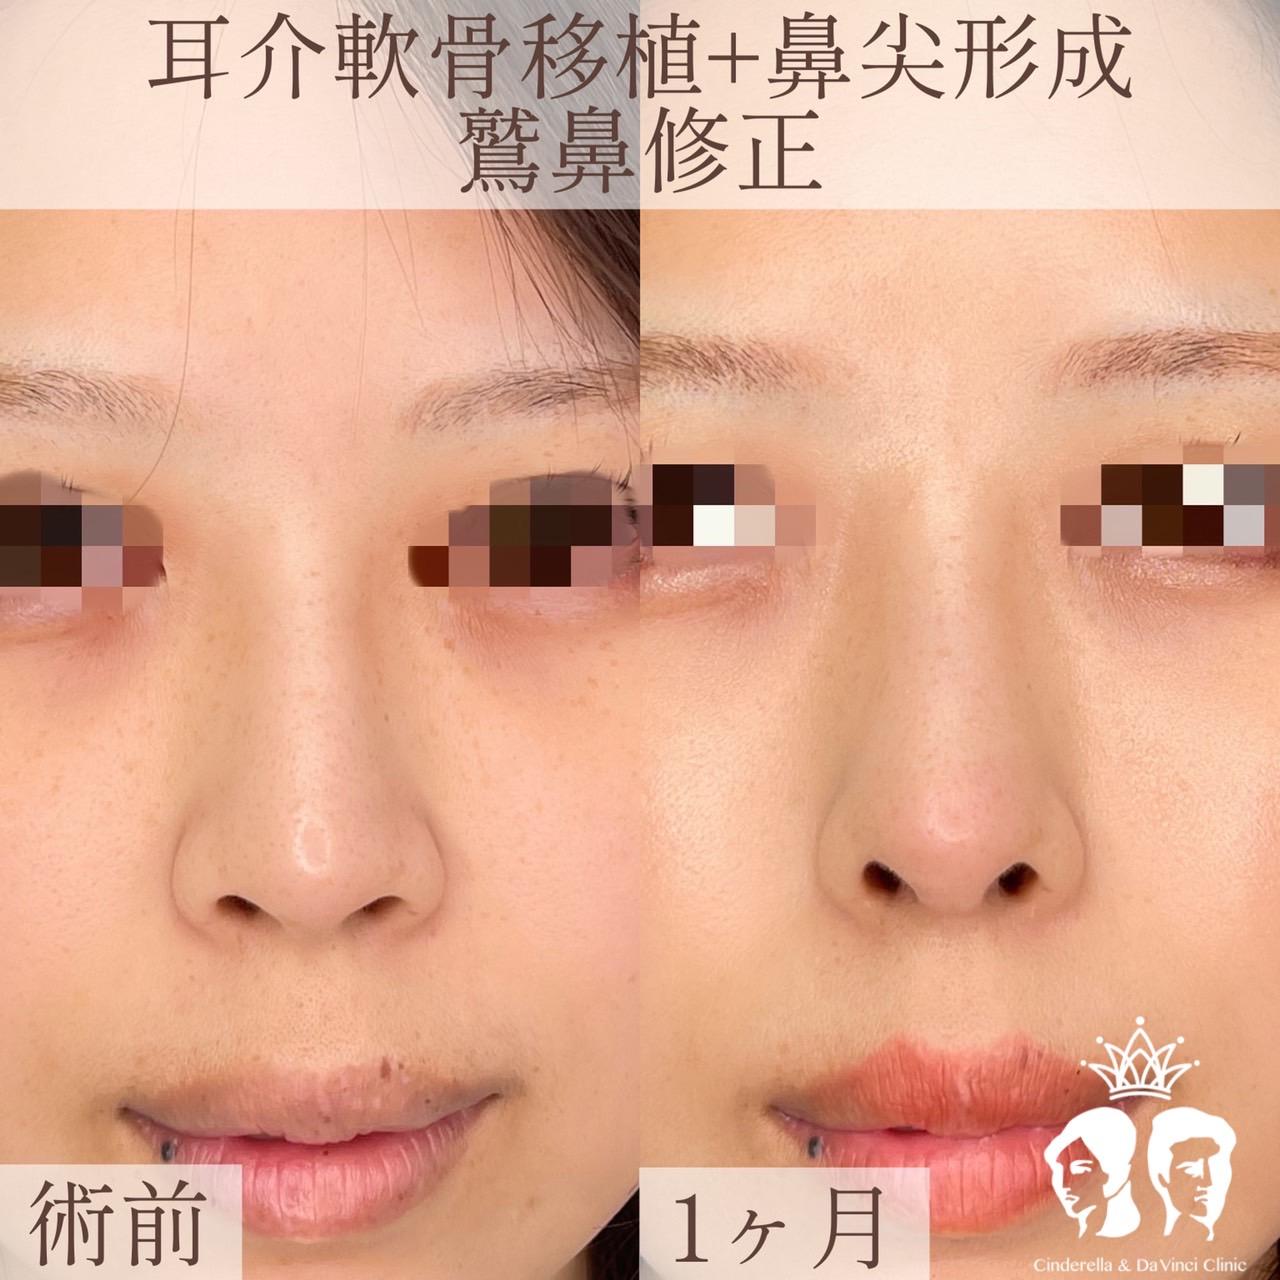 耳介軟骨移植+鼻尖形成+鷲鼻修正の画像